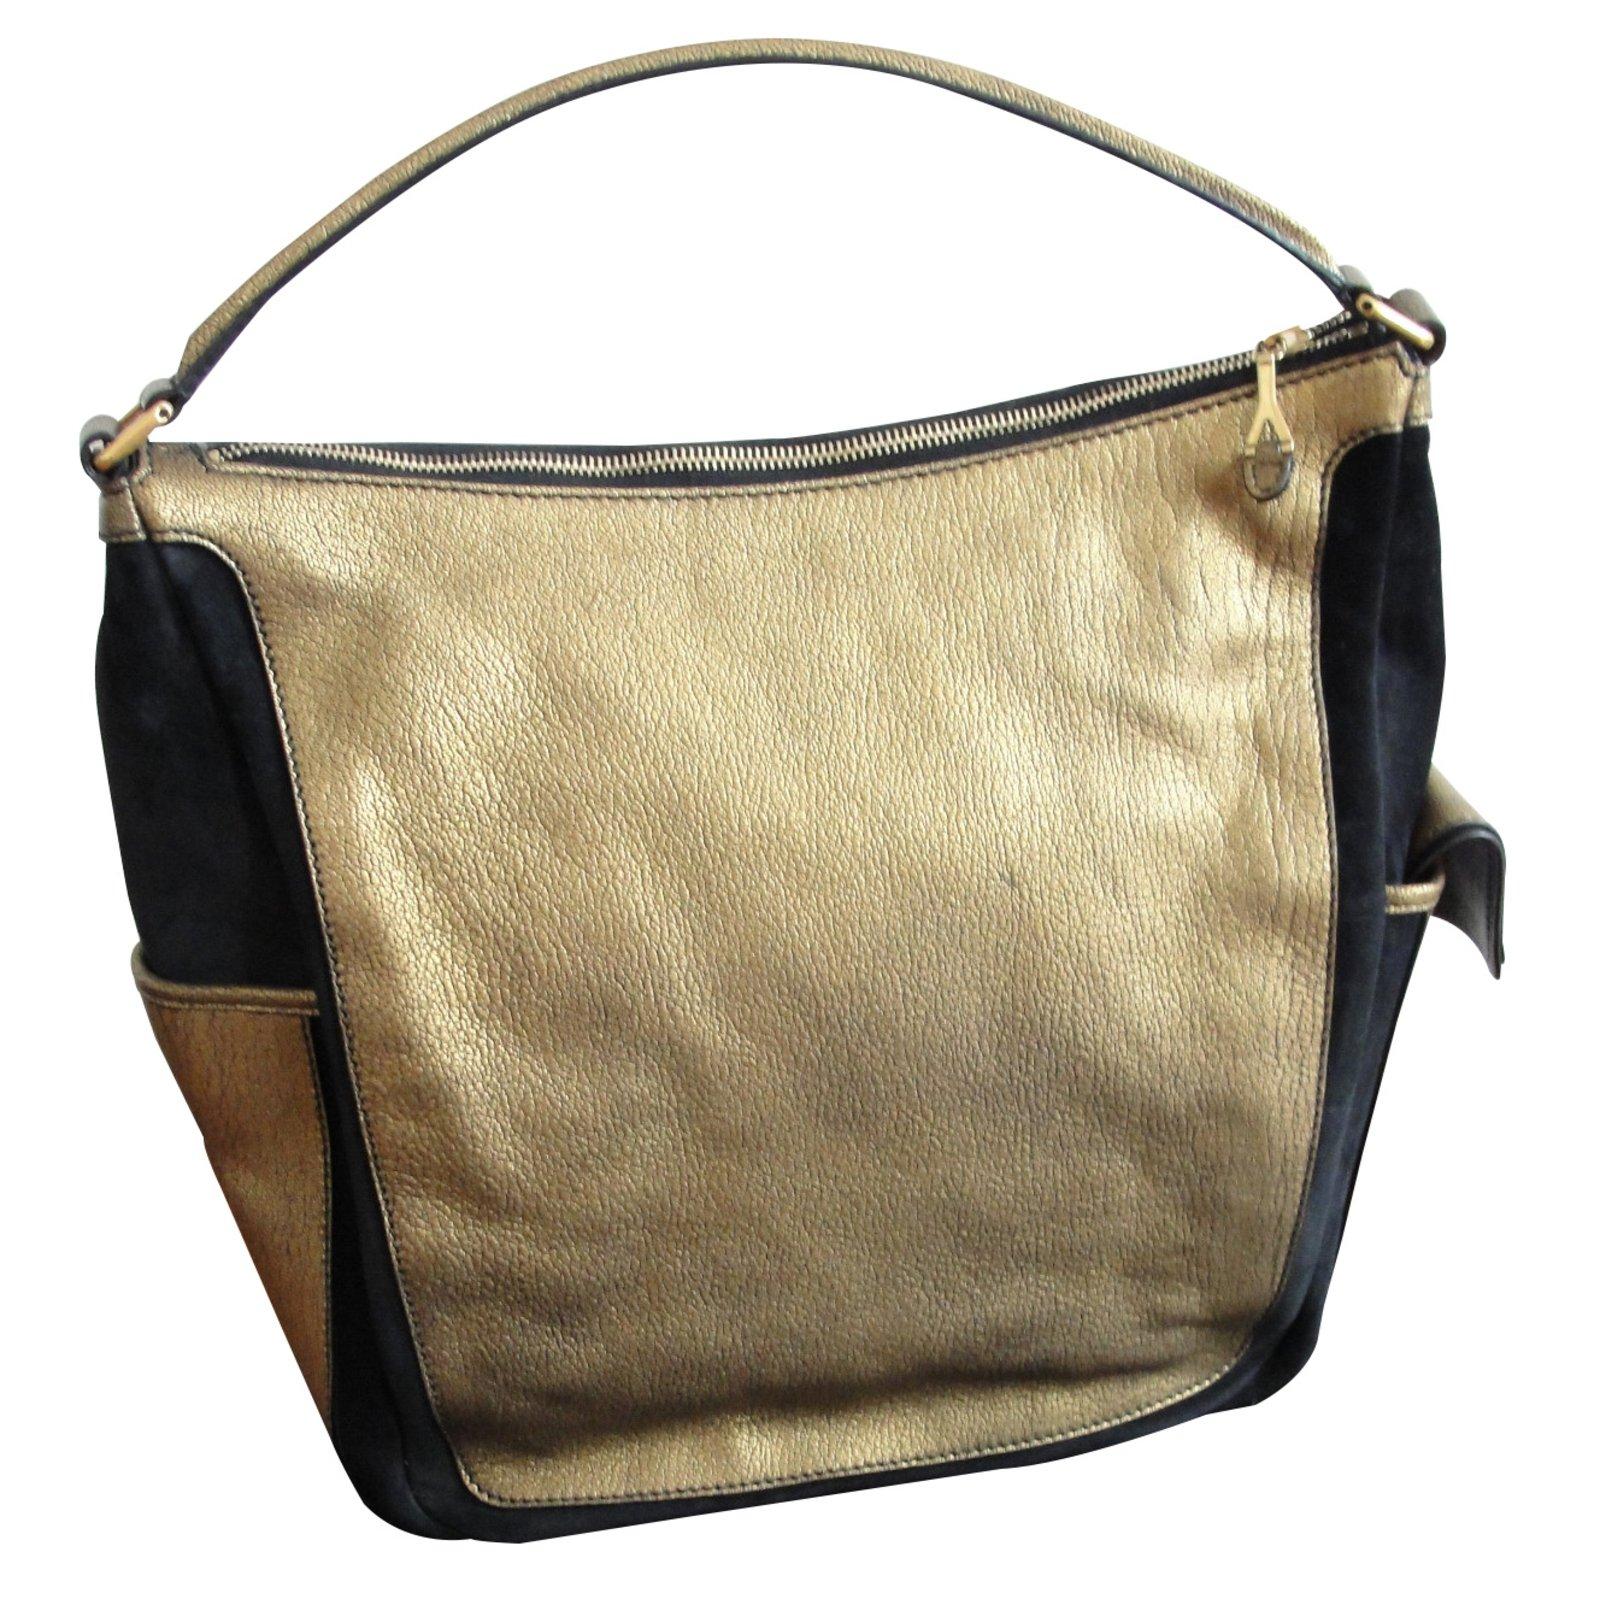 Yves Saint Laurent Handbags Handbags Leather Golden ref.8386 - Joli ... e005e82048ac8